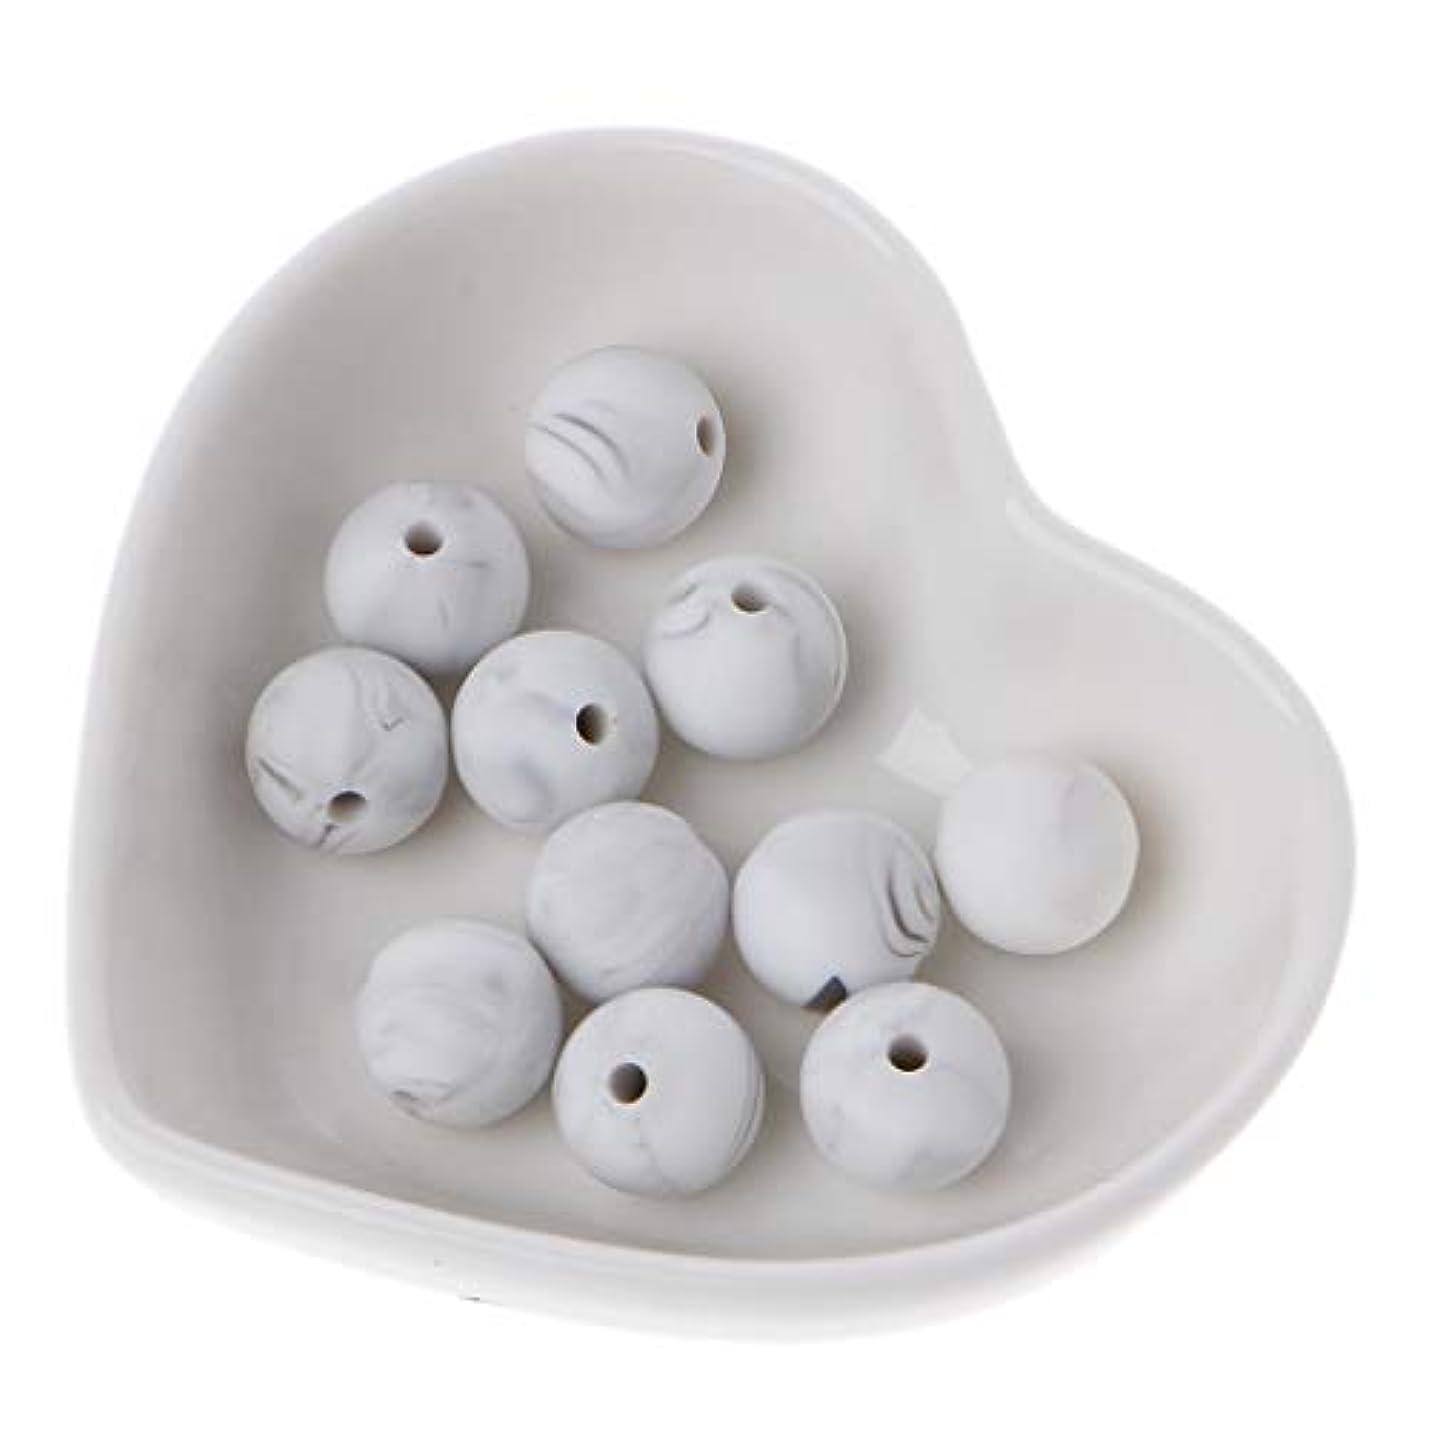 脅迫気づかないママLanddum 10個シリコーンビーズ40#大理石ホワイトシリカビーズ赤ちゃんのおもちゃdiyおしゃぶりチェーンアクセサリー - 12ミリメートル